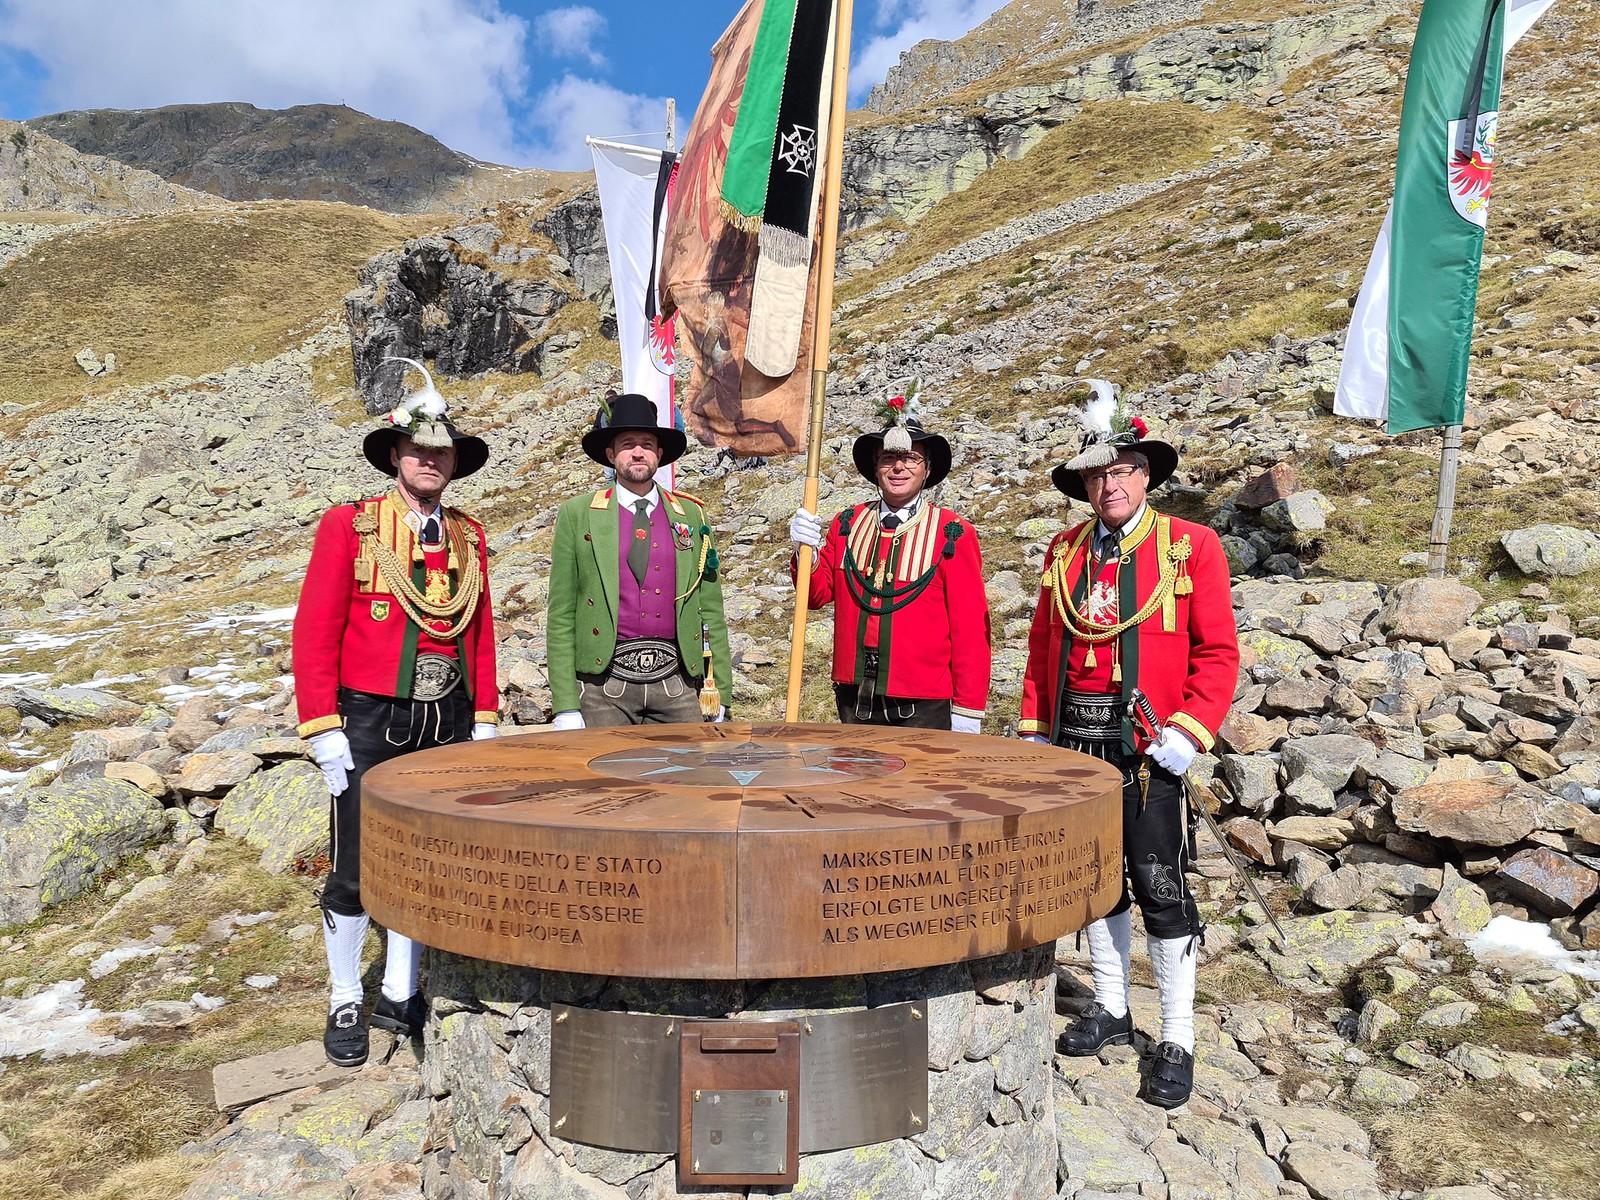 Eröffnungsfeier Markstein Mitte Tirols beim Latzfonserkreuz, 10.10.2020